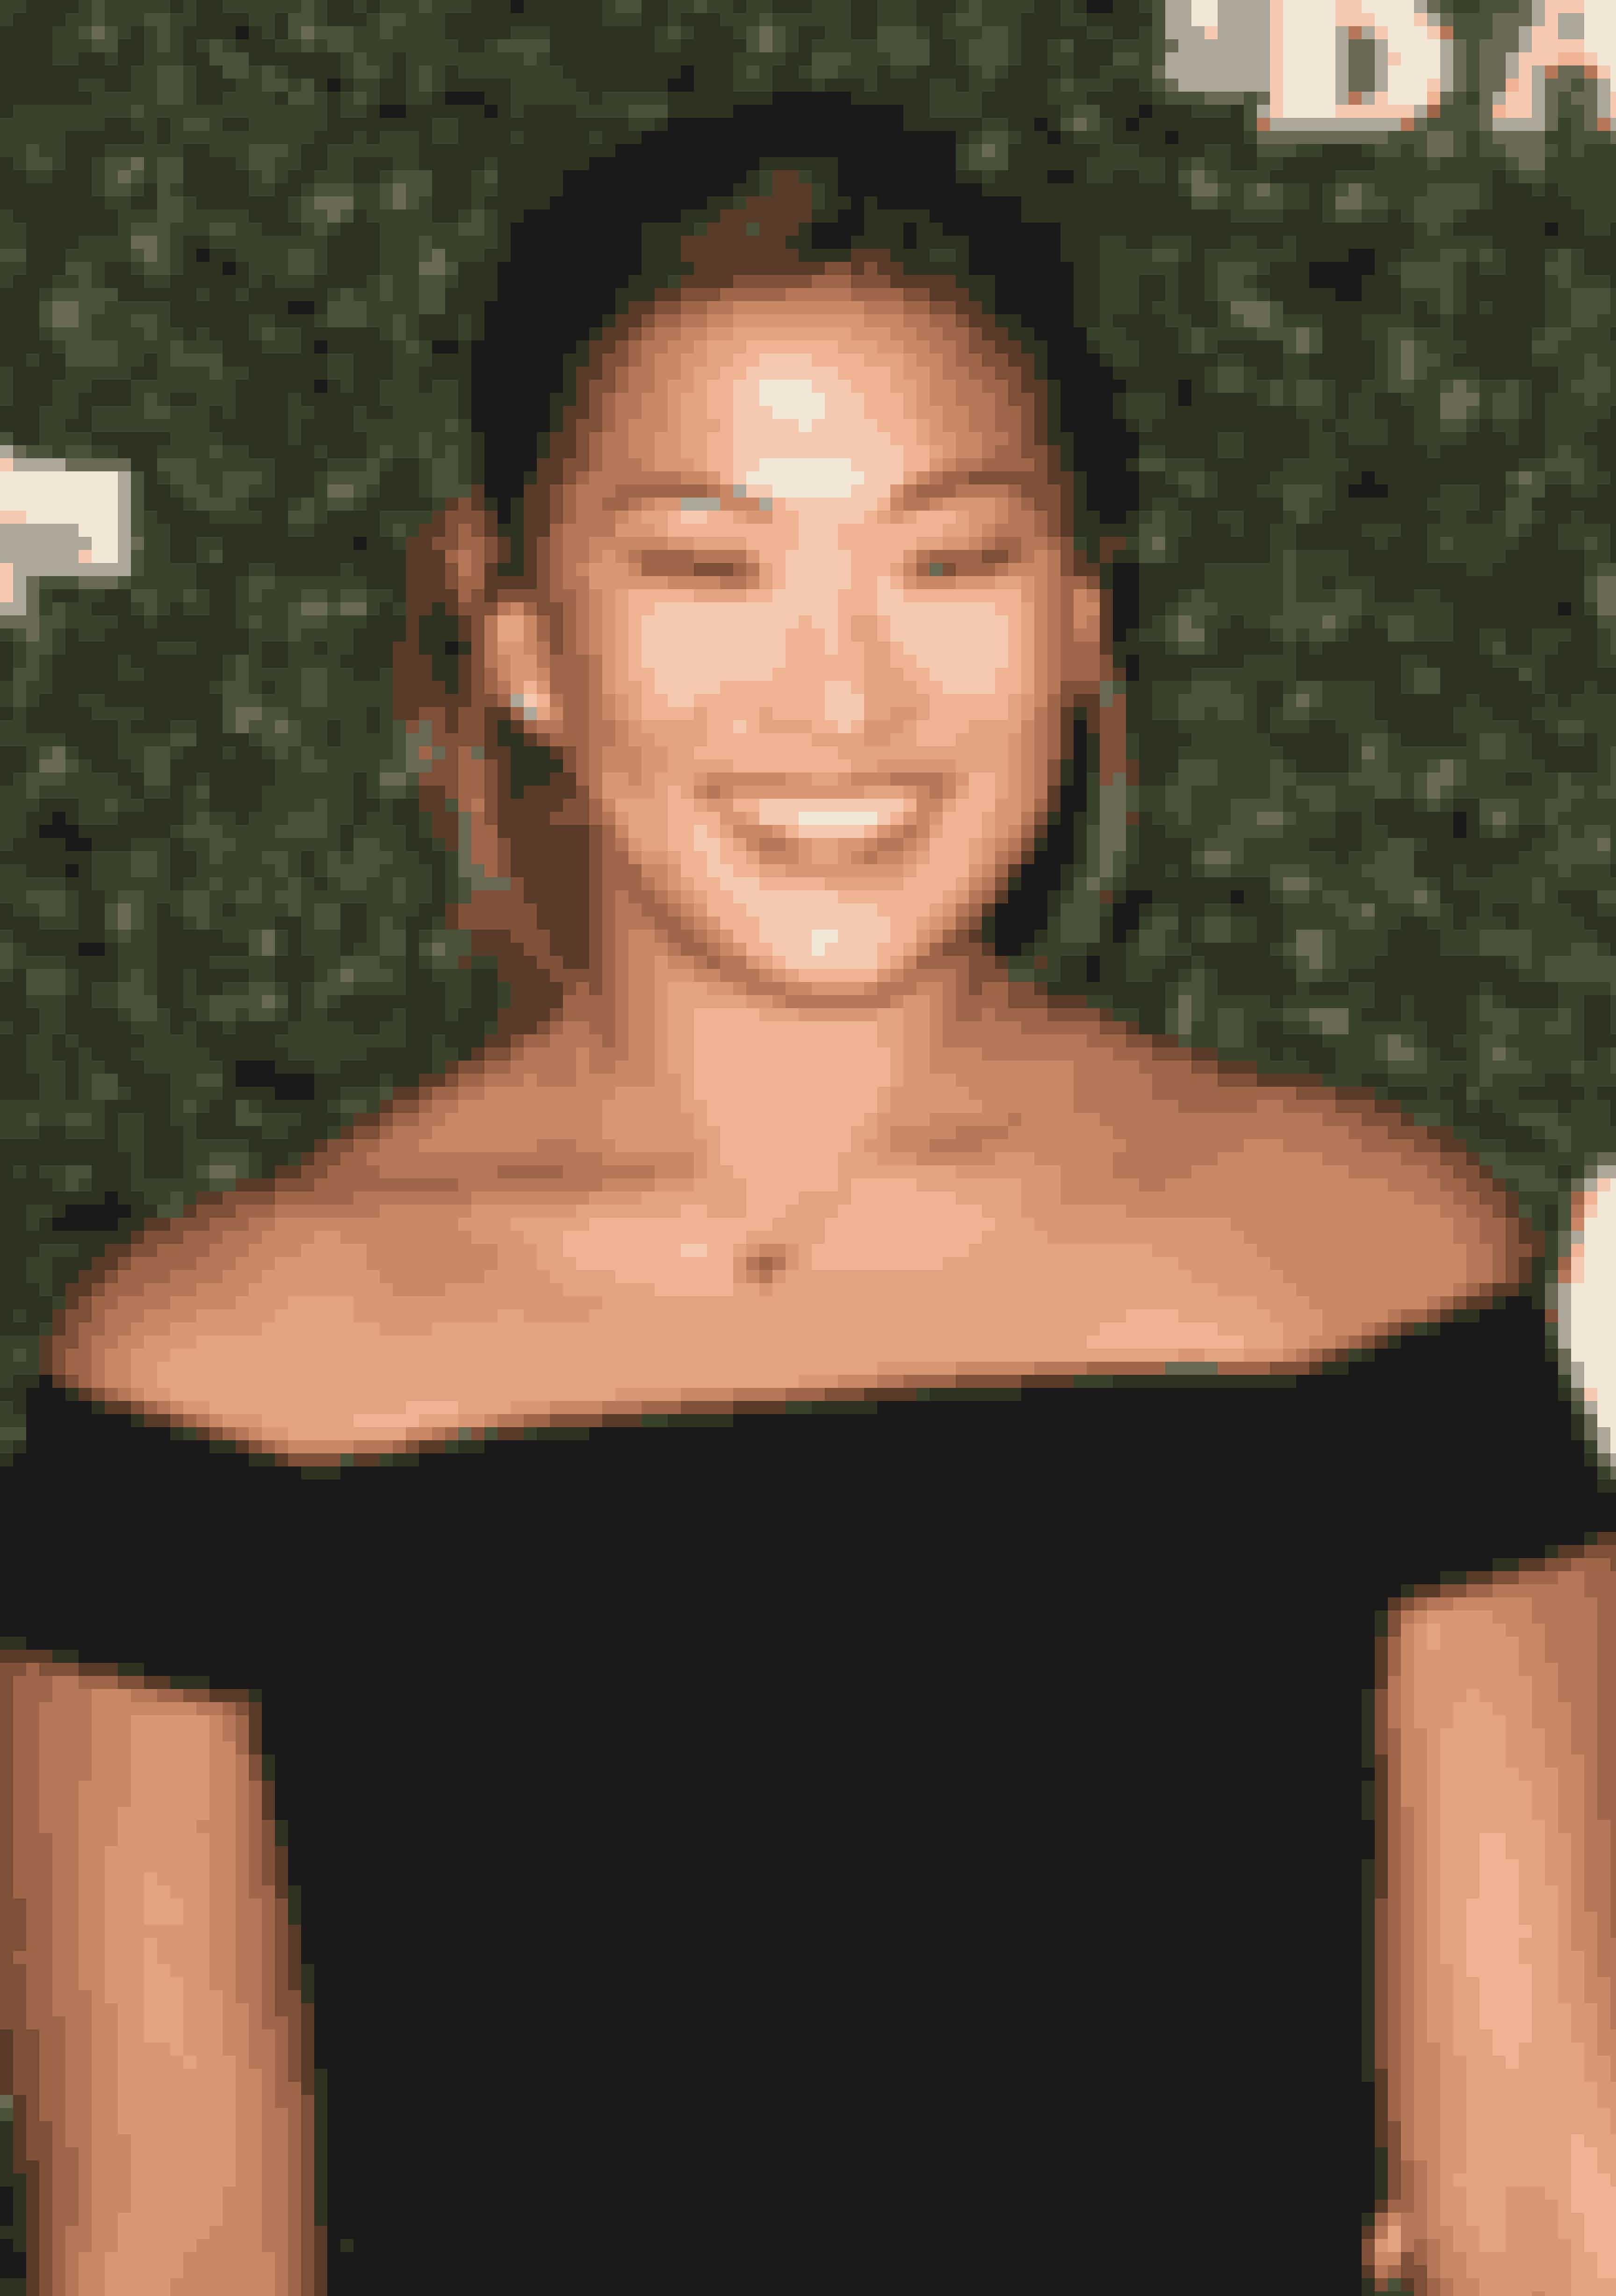 Jenna UshkowitzTidligere Glee-stjerne Jenna Ushkowitz blev adopteret fra Syd Korea, da hun var 3 måneder gammel. Hun voksede op med sin adoptivfamilie i New York og startede i sit voksenliv en organisation, som hjælper adoptivfamilier som sin egen.